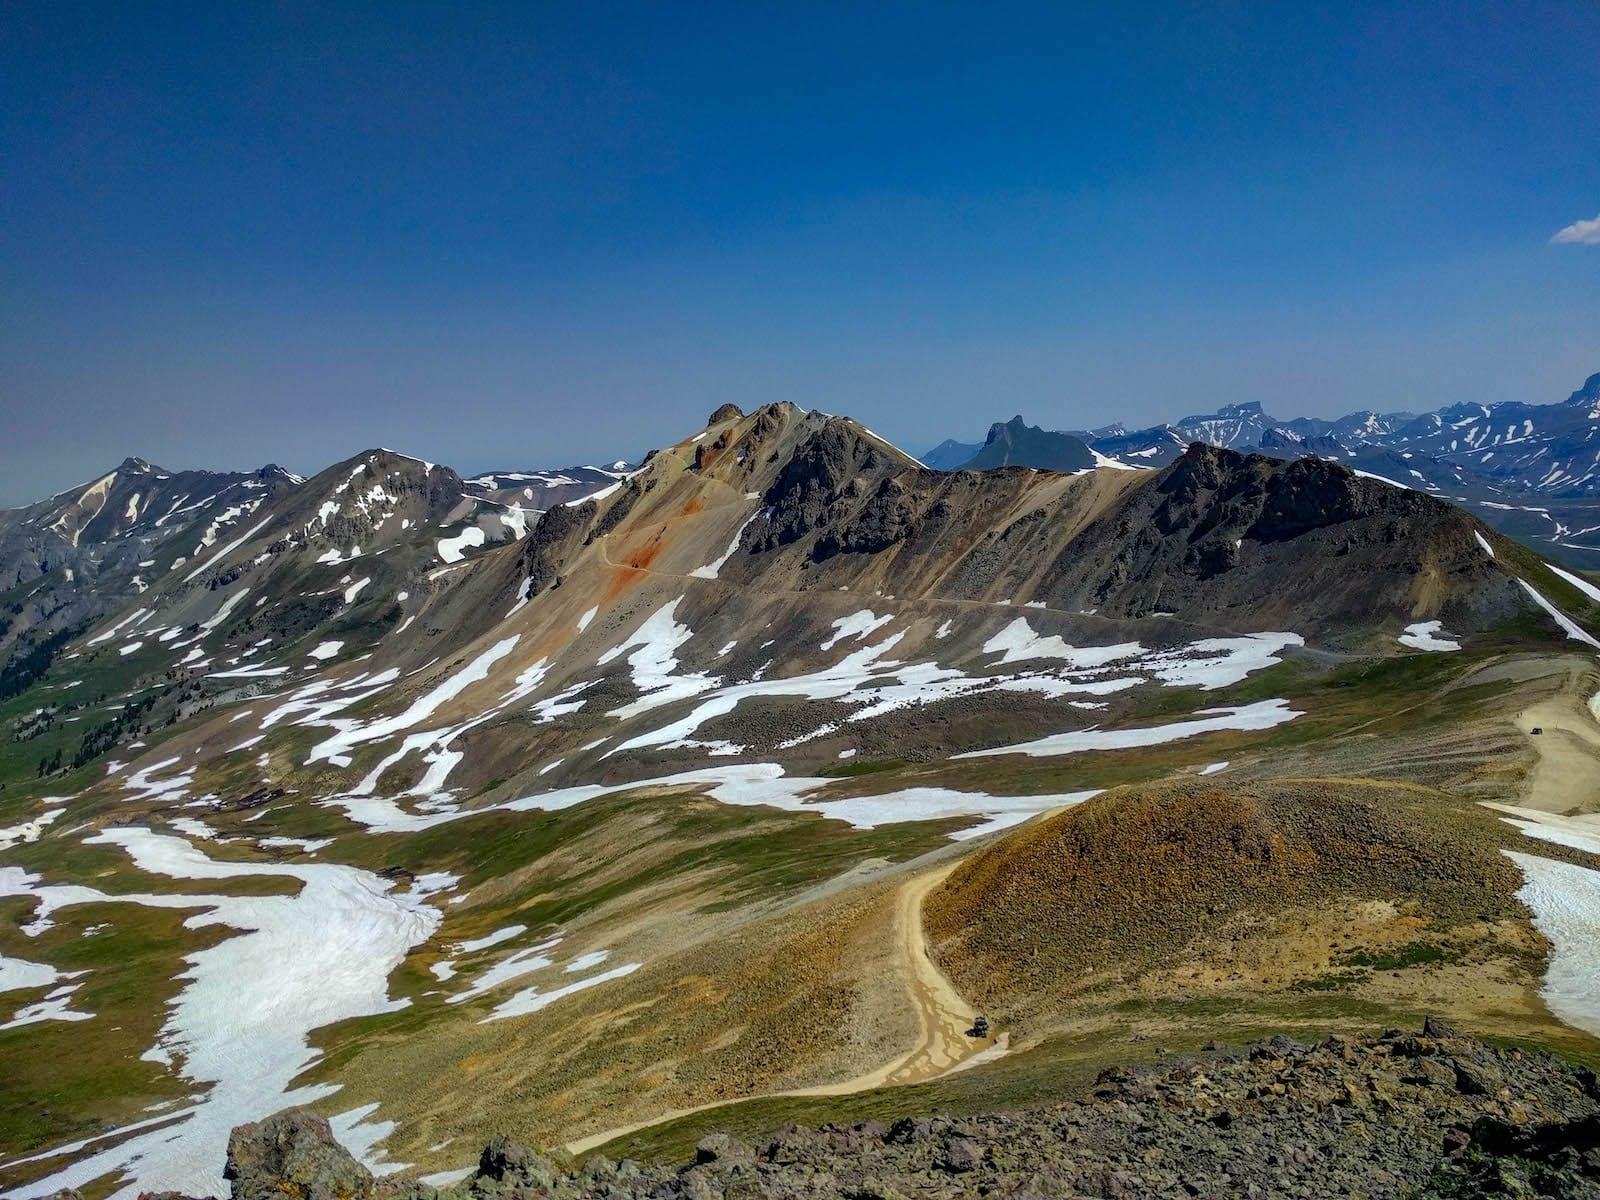 Engineer Pass, Colorado